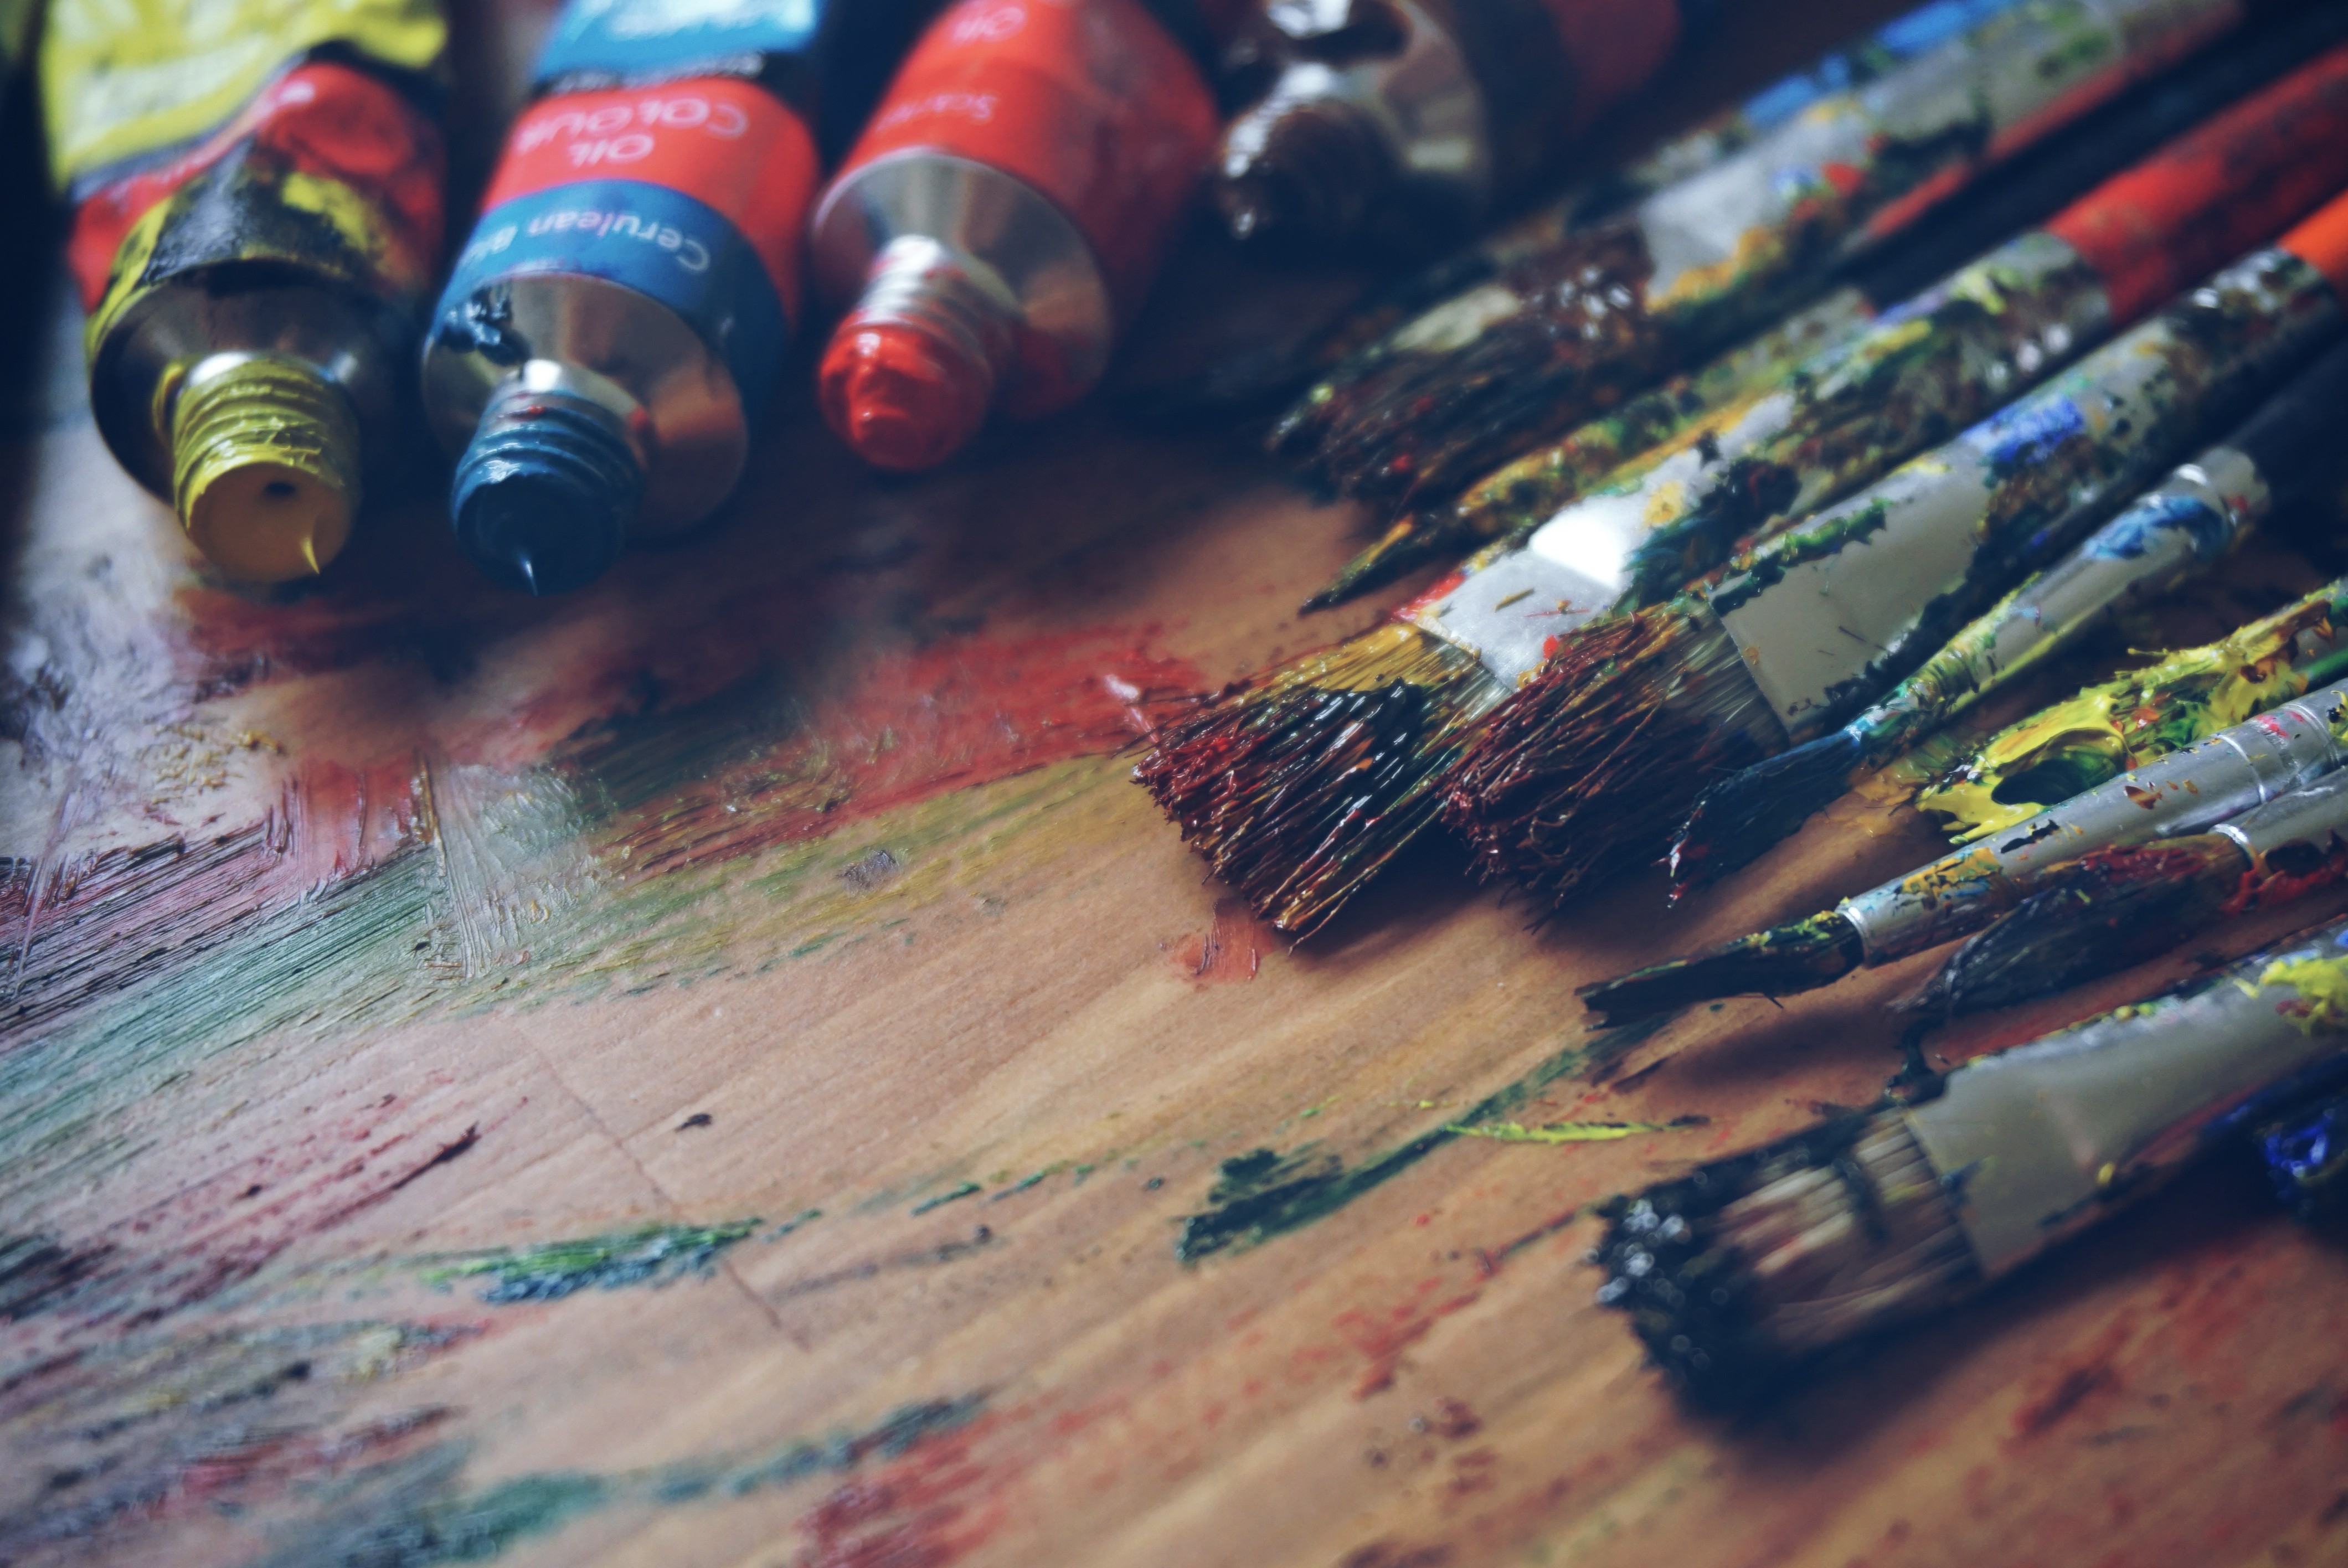 L'événement l'Art sur les galeries se tiendra le 24 juin à Rigaud!